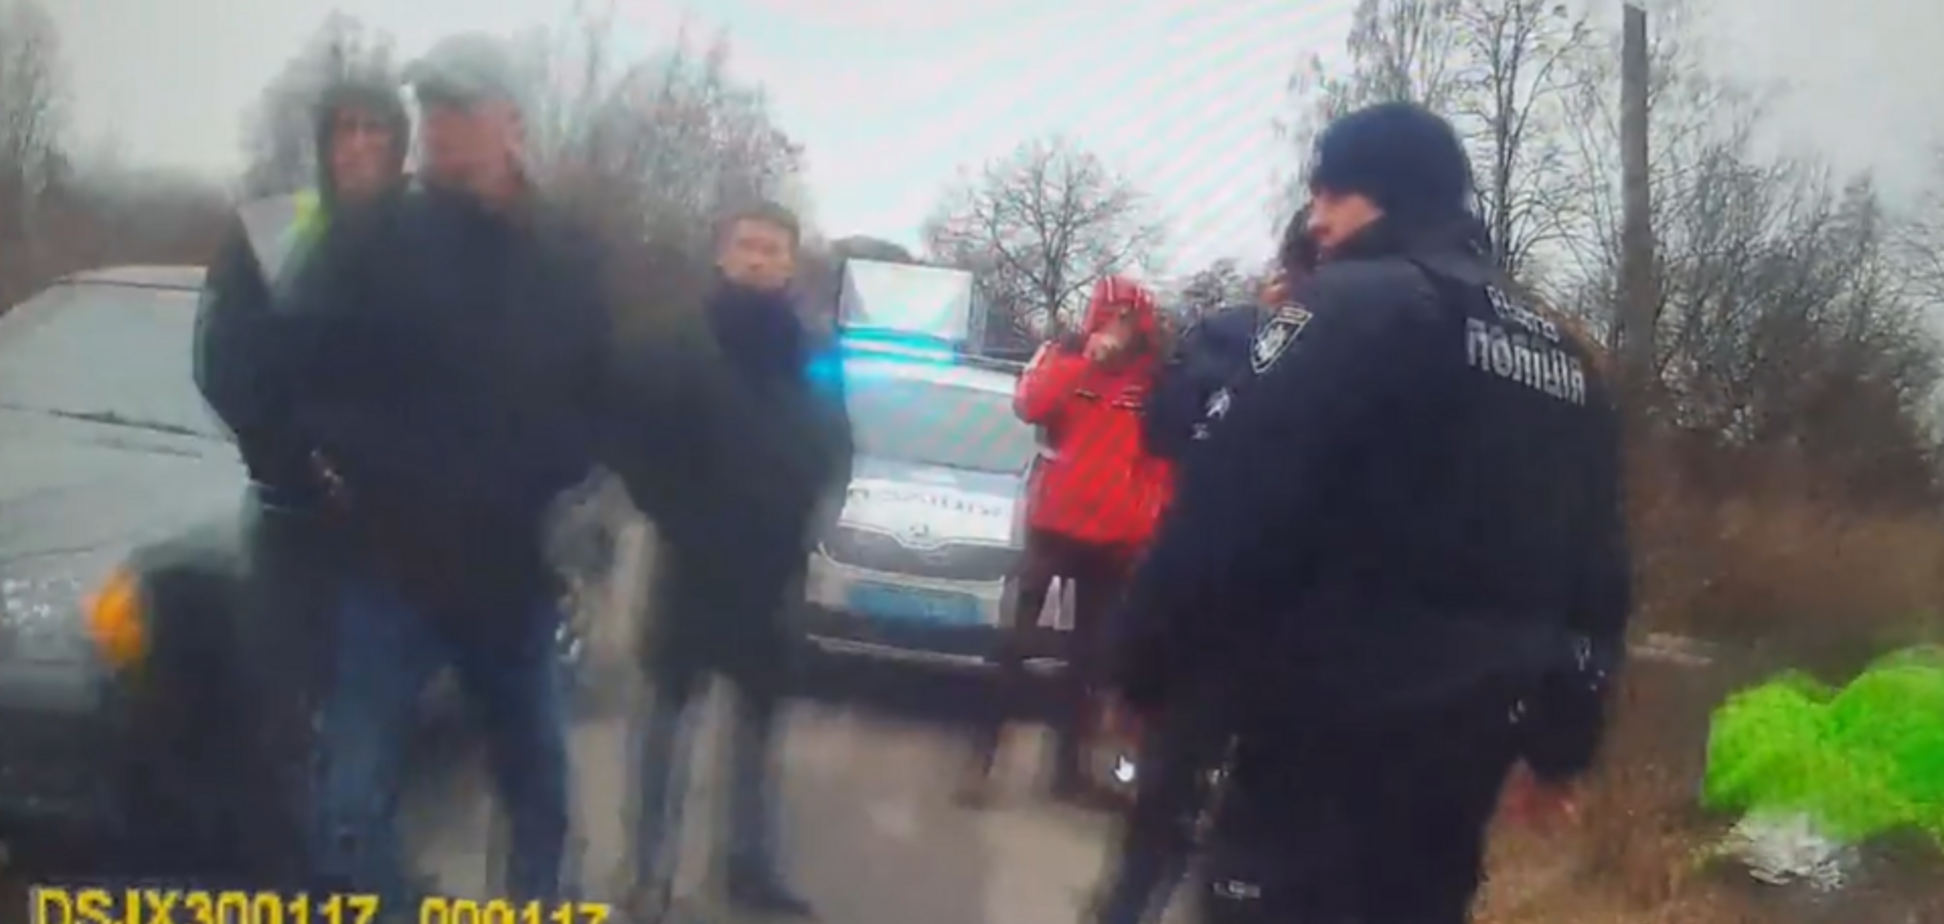 Лицом в землю: в Белой Церкви вооруженный мужчина 'неудачно' напал на полицейских. Видео